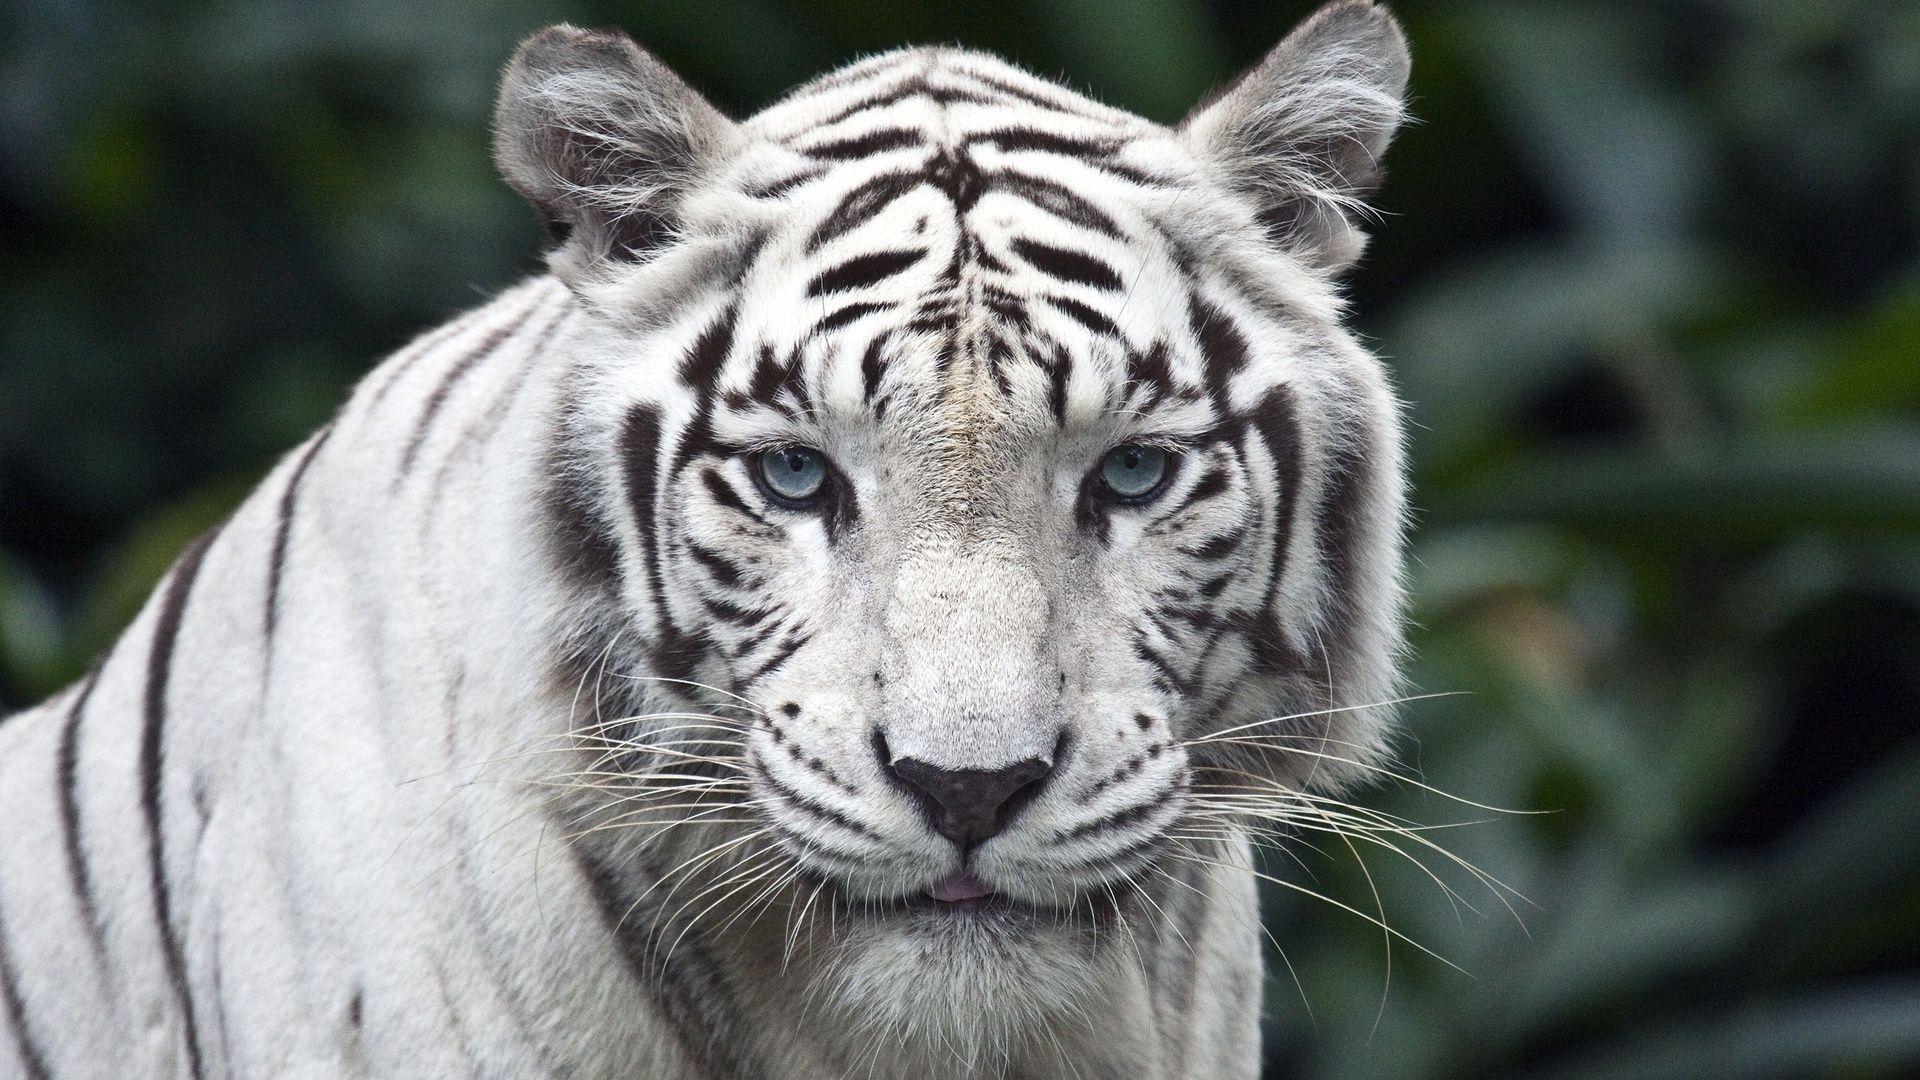 White Tiger watching, Wallpaper Theme